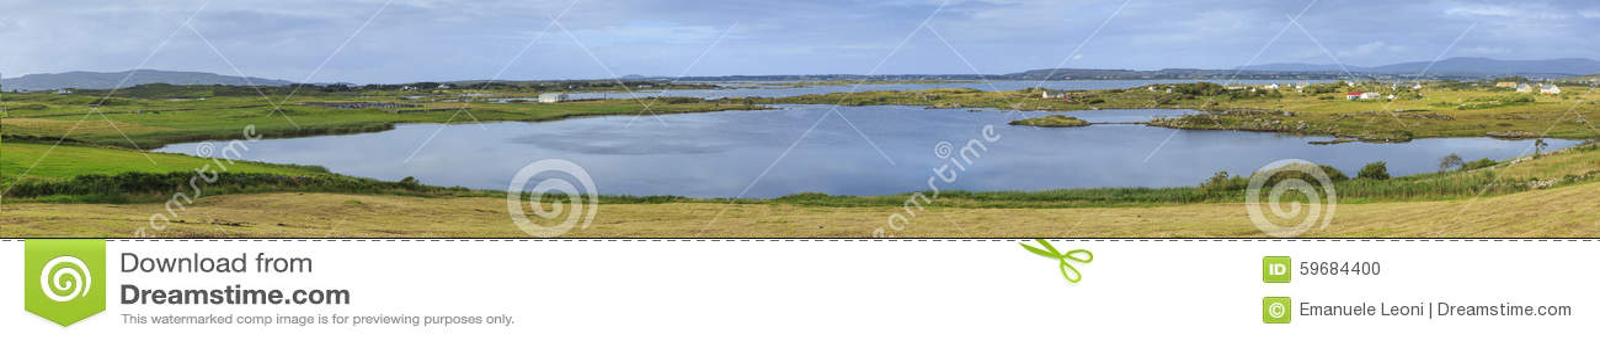 Lough Neagh vicino all isola di Derrywarragh, contea Armagh, Irlanda del Nord,